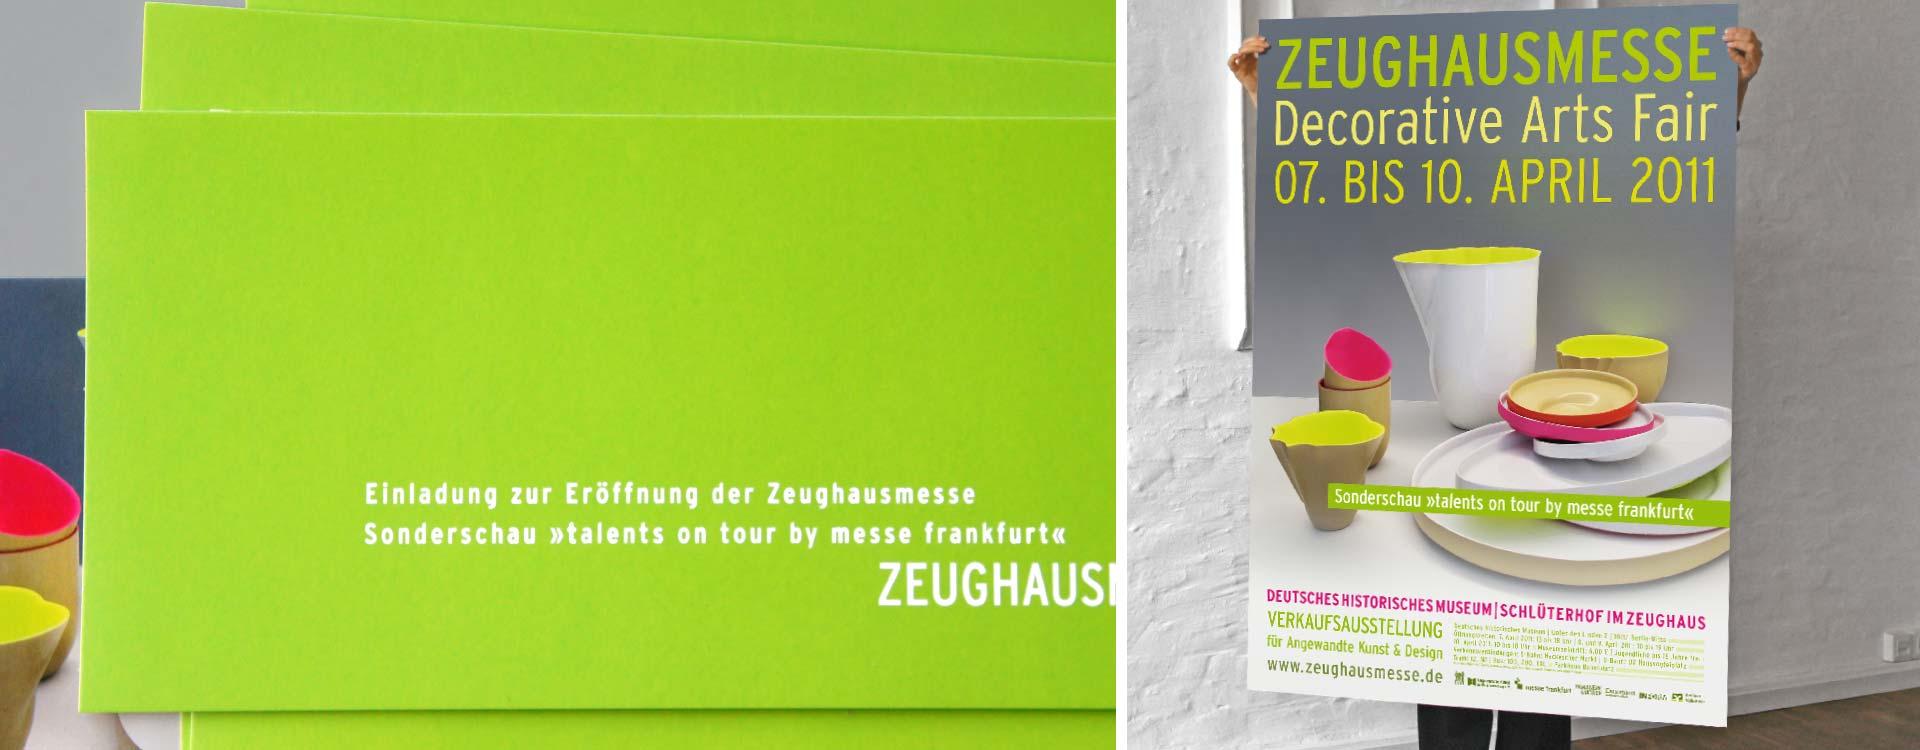 Poster for Zeughausmesse; Design: Kattrin Richter | Graphic Design Studio